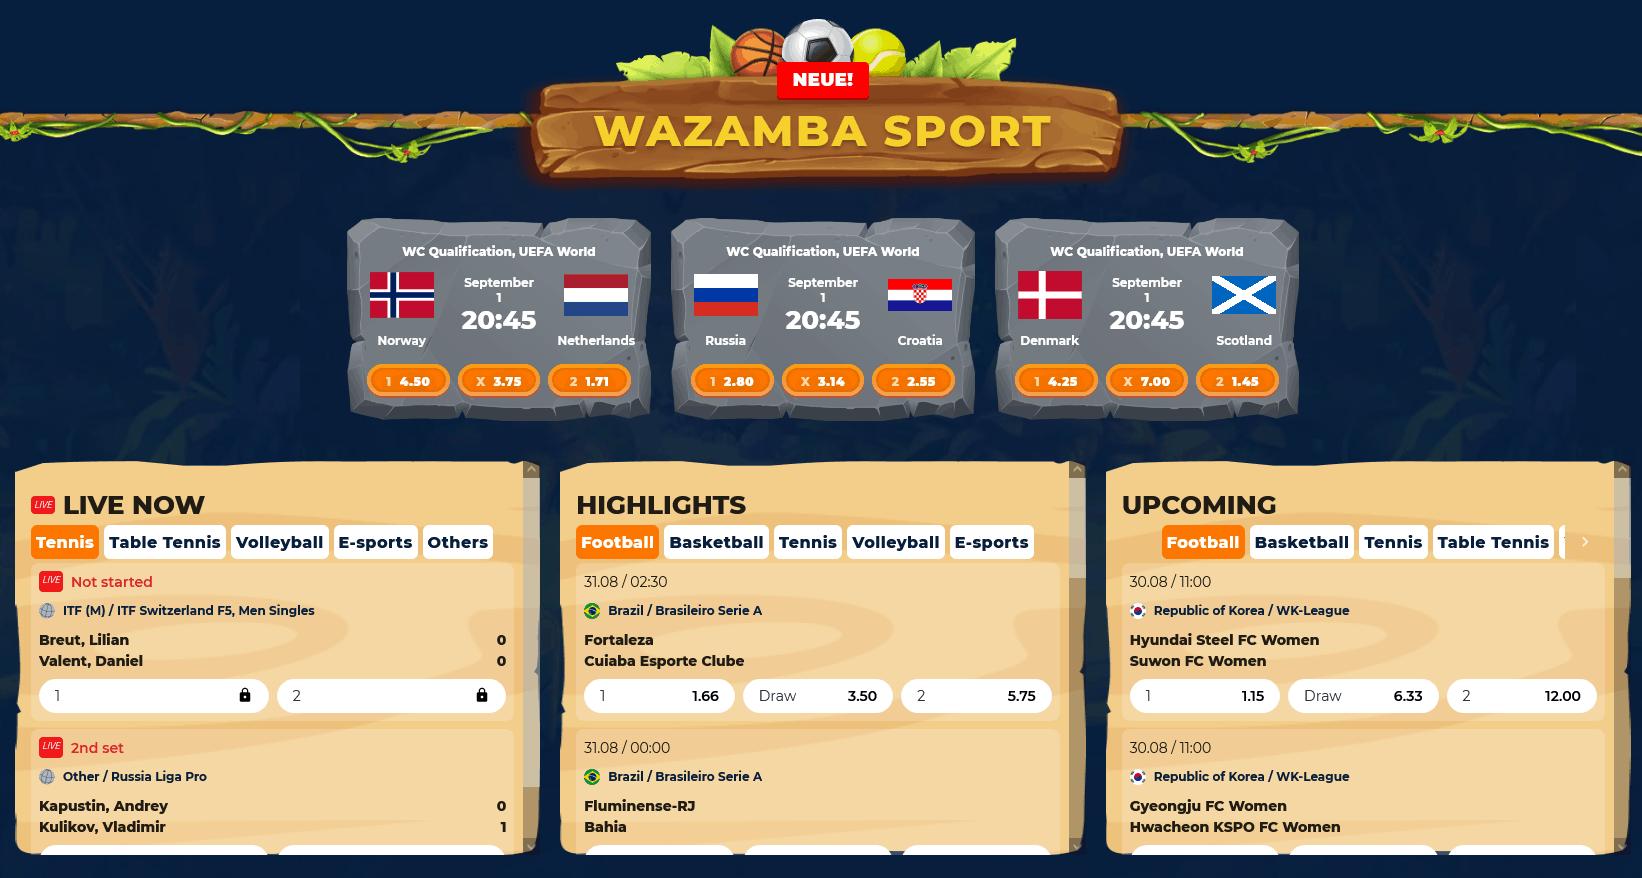 Wazamba Sport